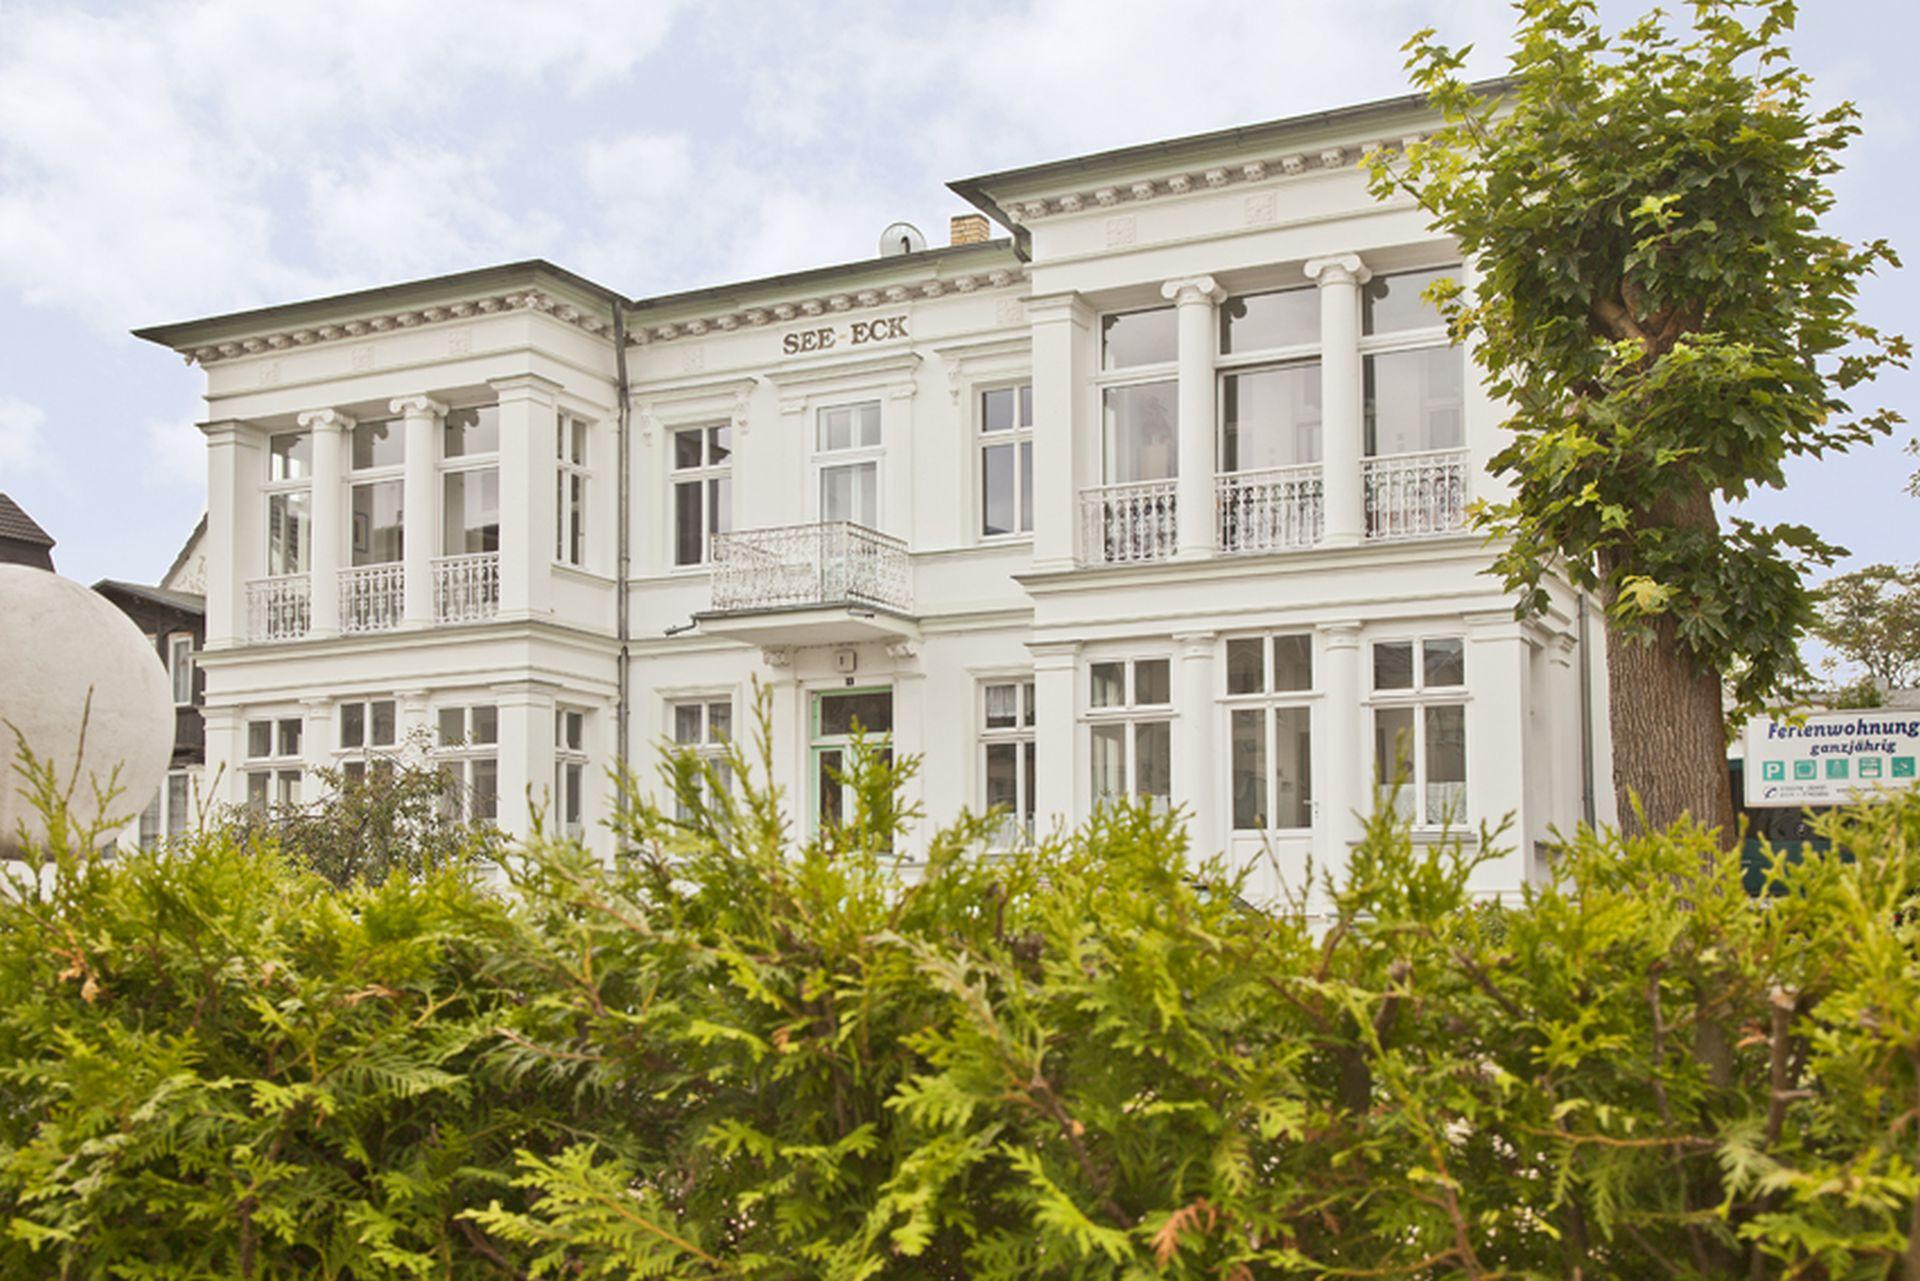 Villa See-Eck mit den Ferienwohnung / Ferienwohnungen in Ahlbeck.